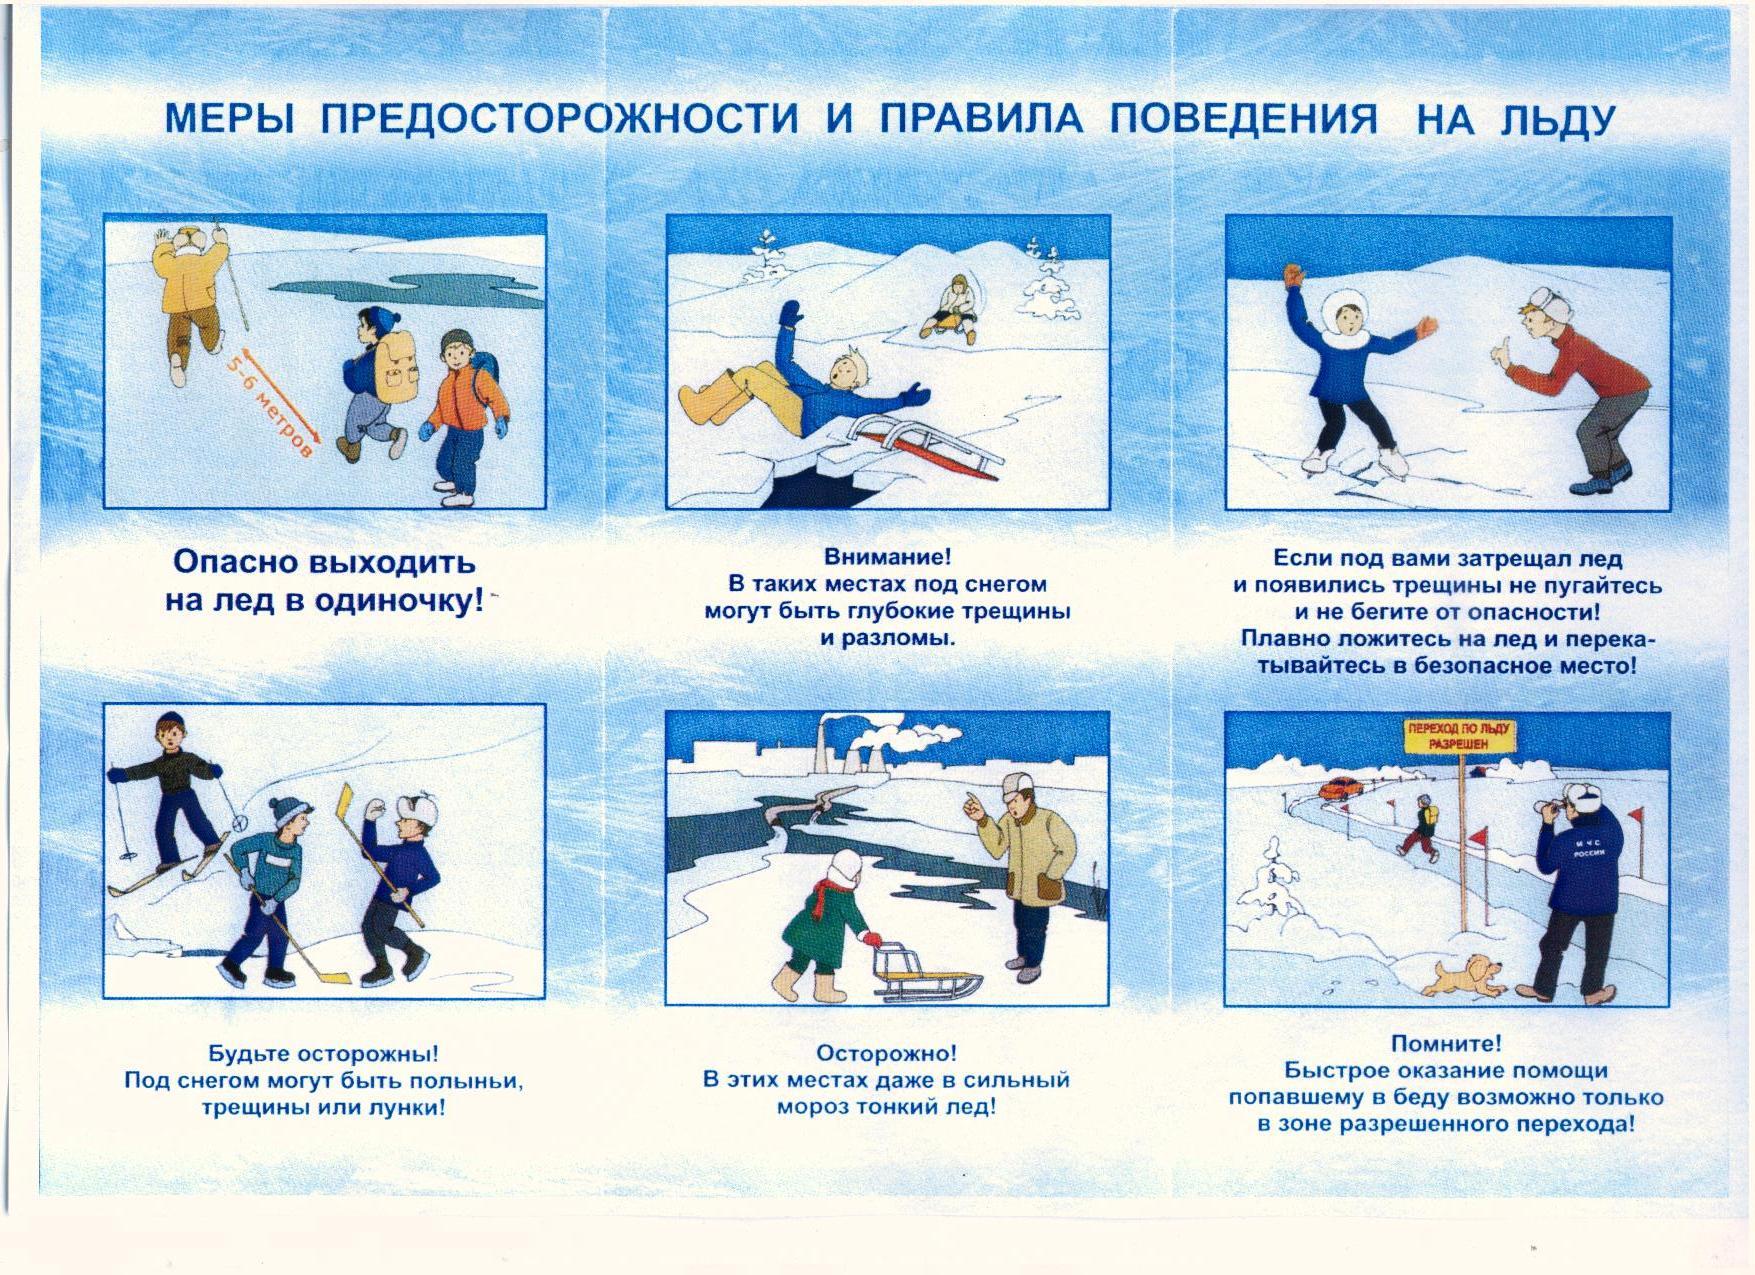 mery_predostorozh_na_ldu.jpg?1449085153